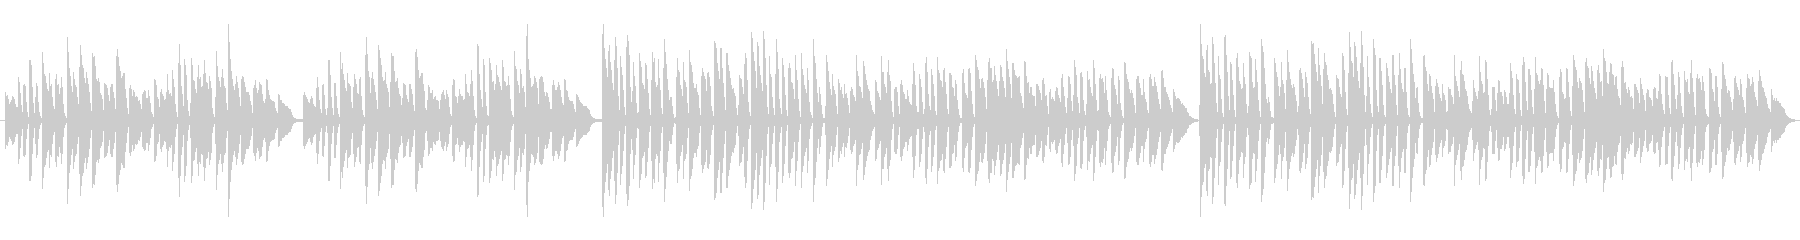 オペラ ほのぼの 幸せ ピアノの未再生の波形